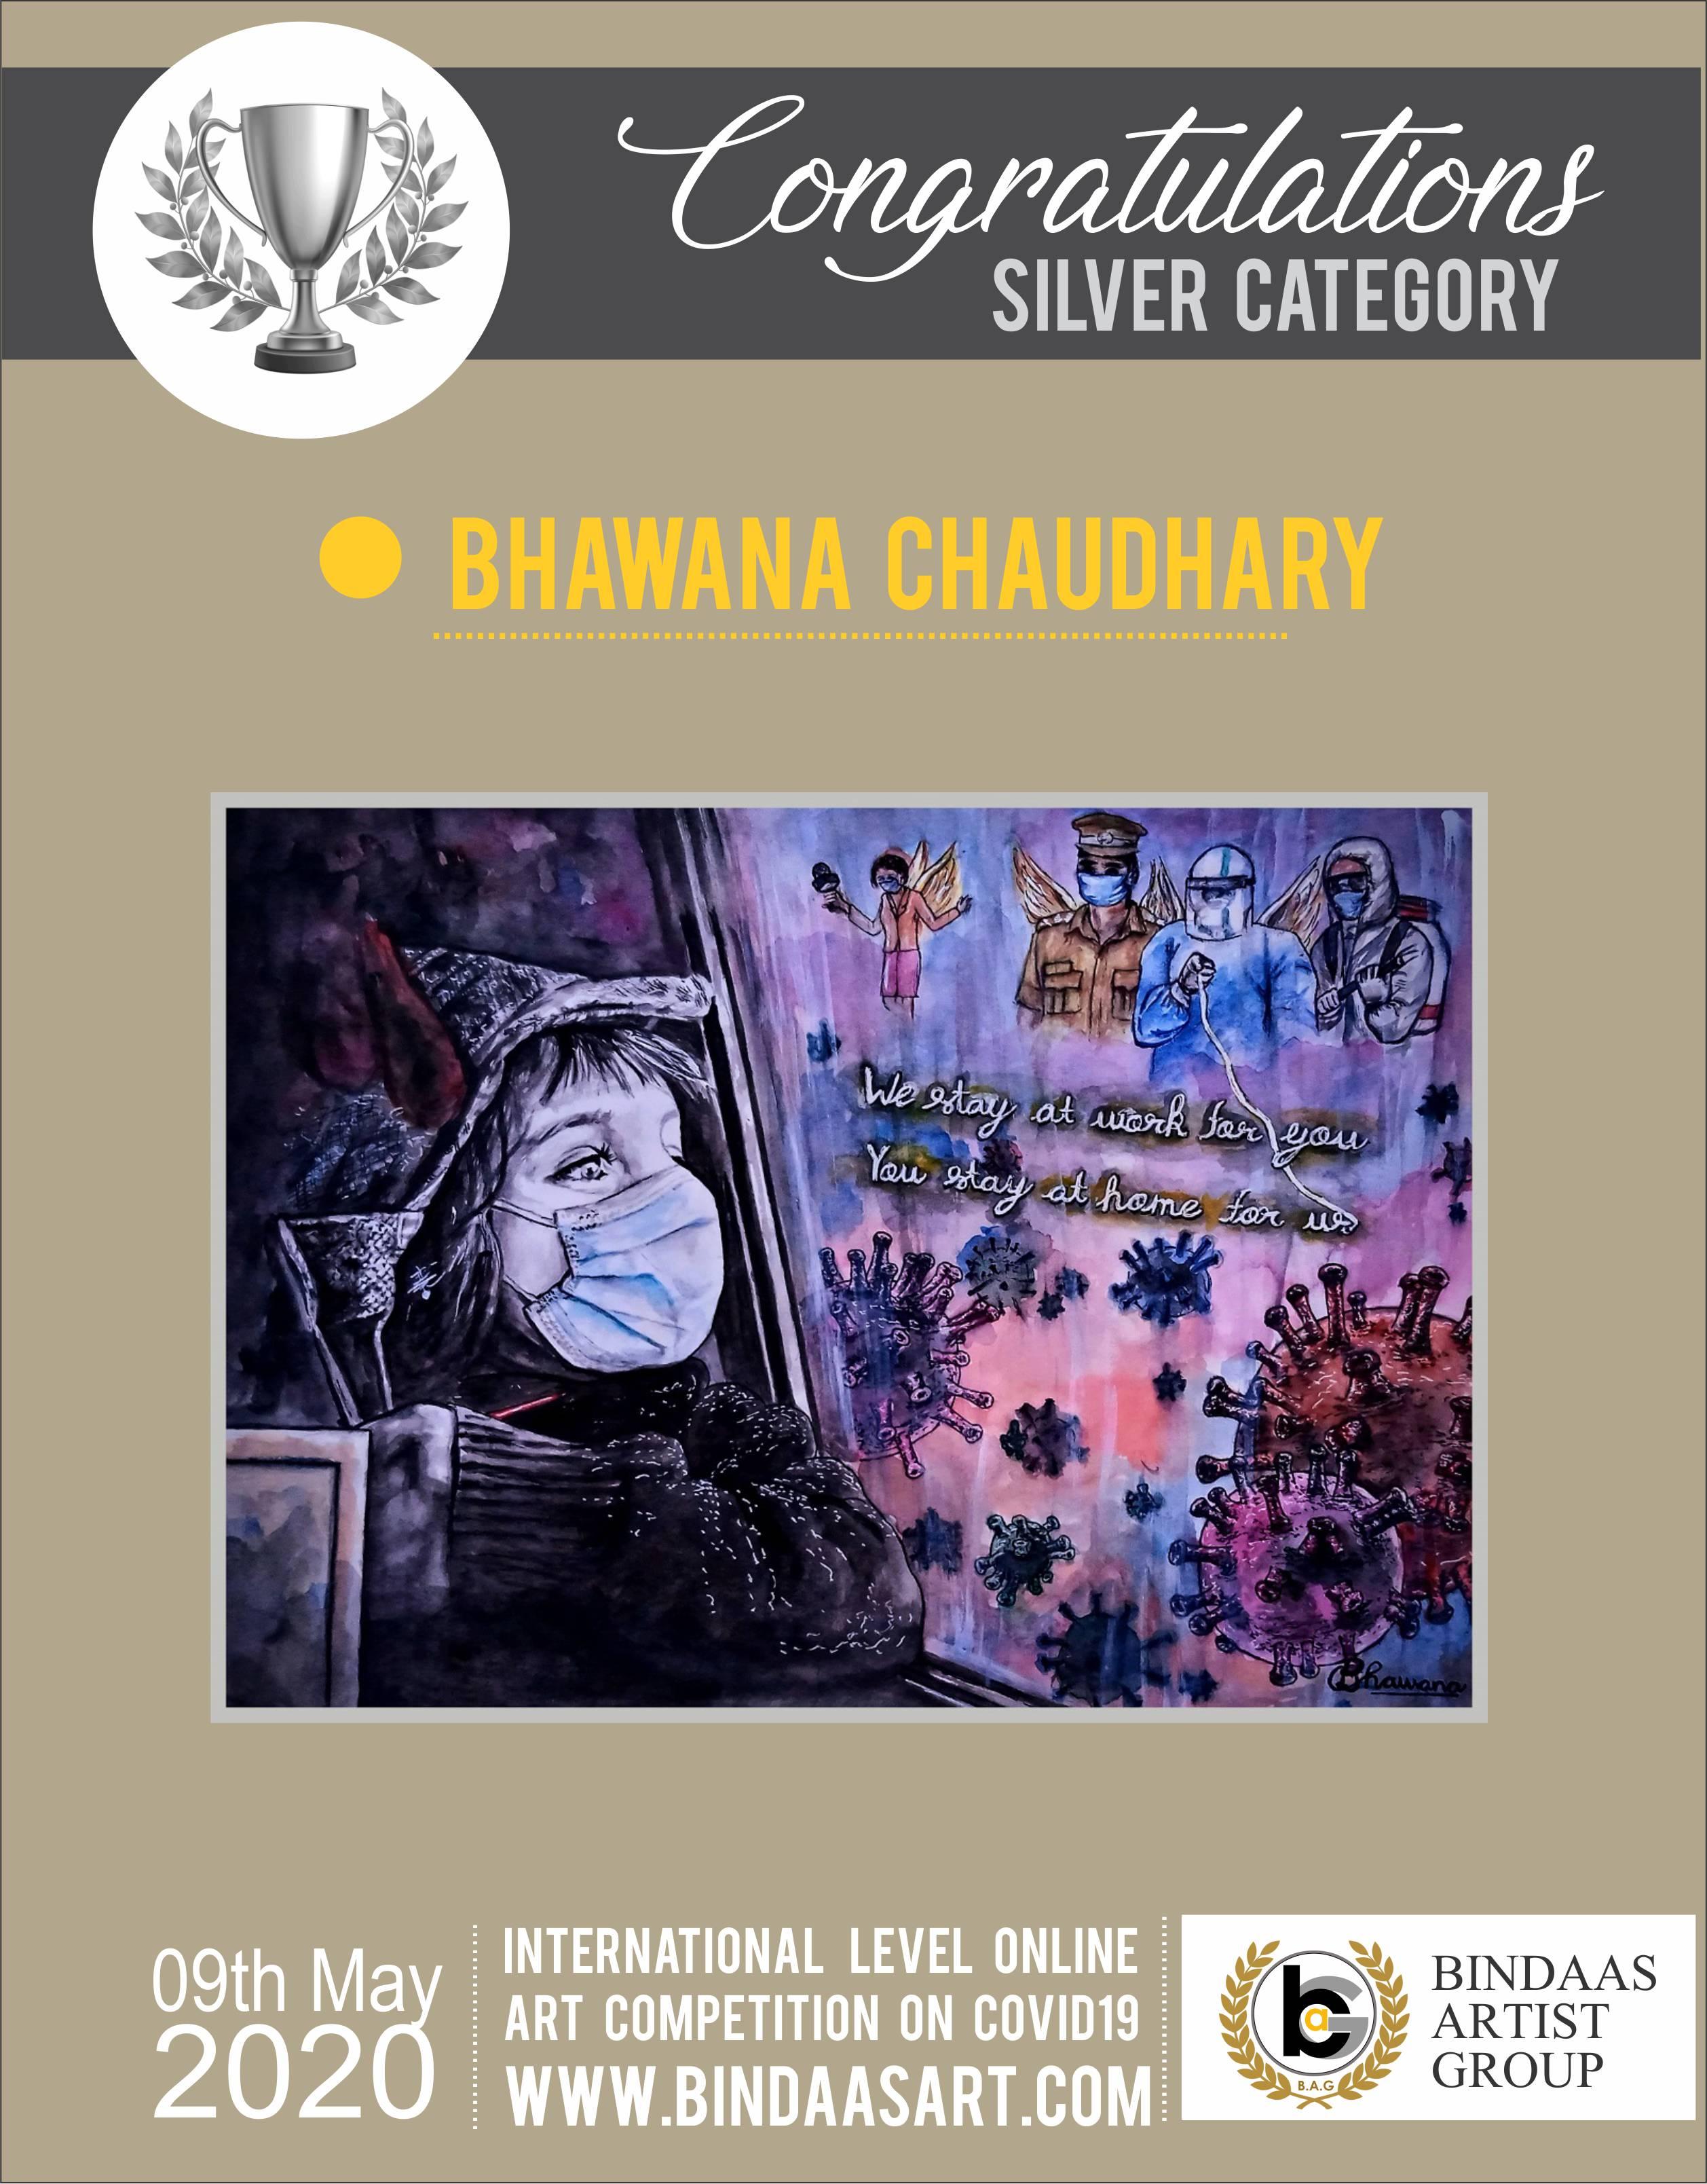 Bhawana Chaudhary